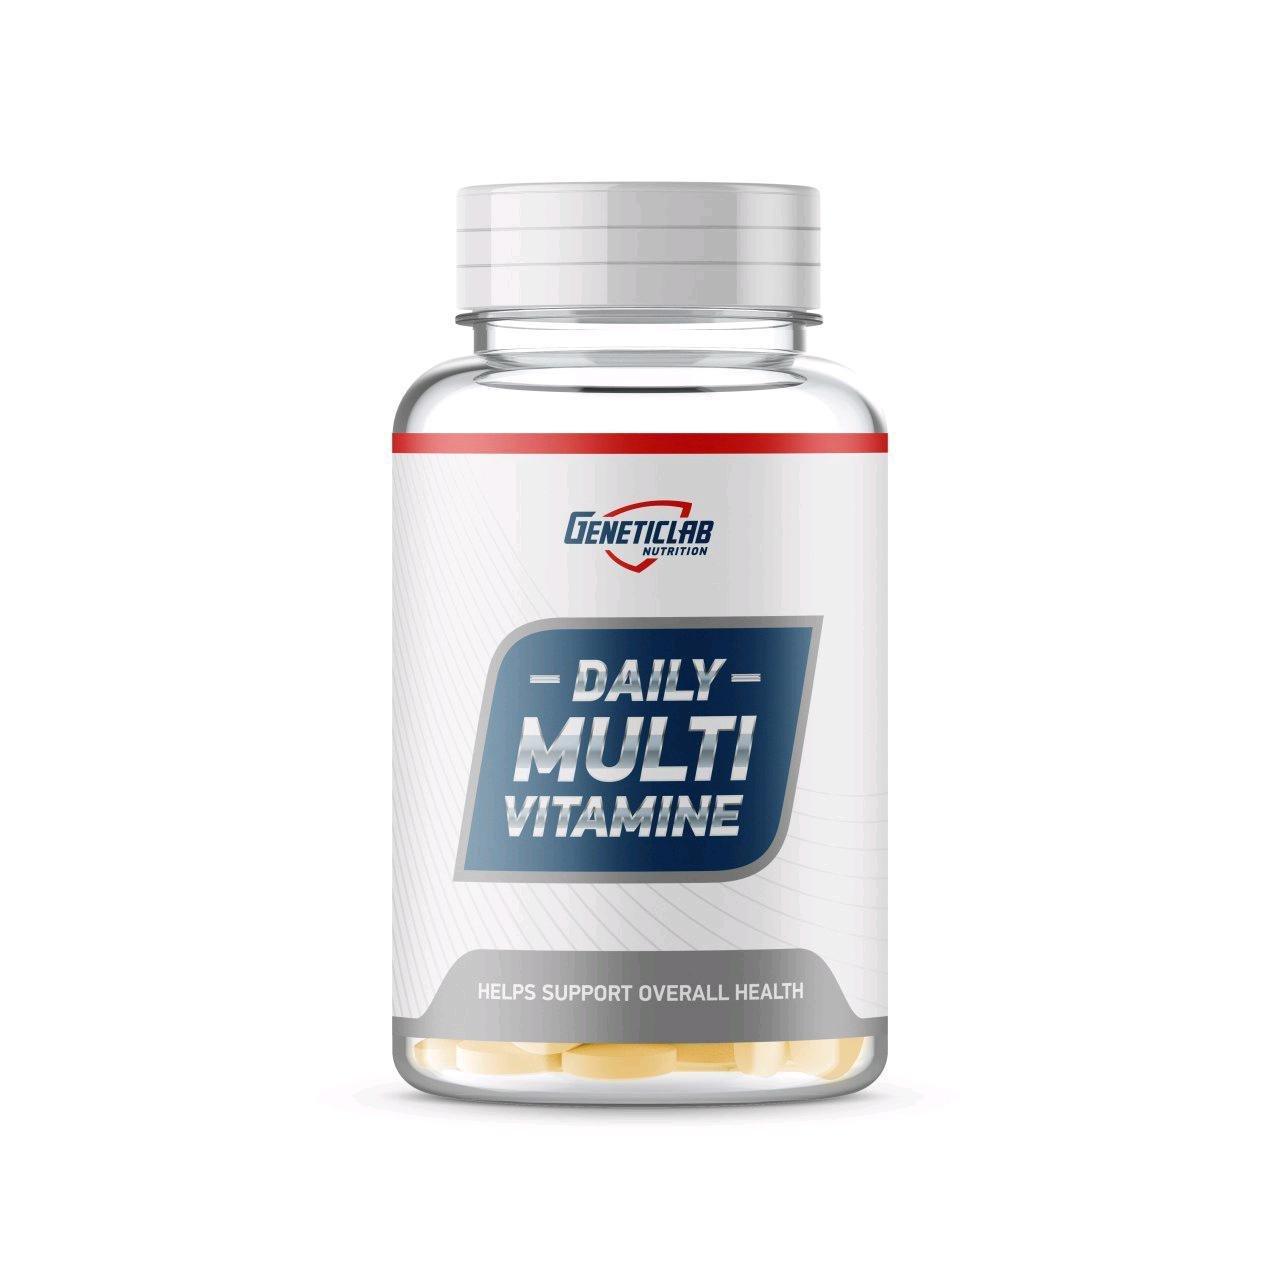 Витамины Daily Multivitamin (30 порций)